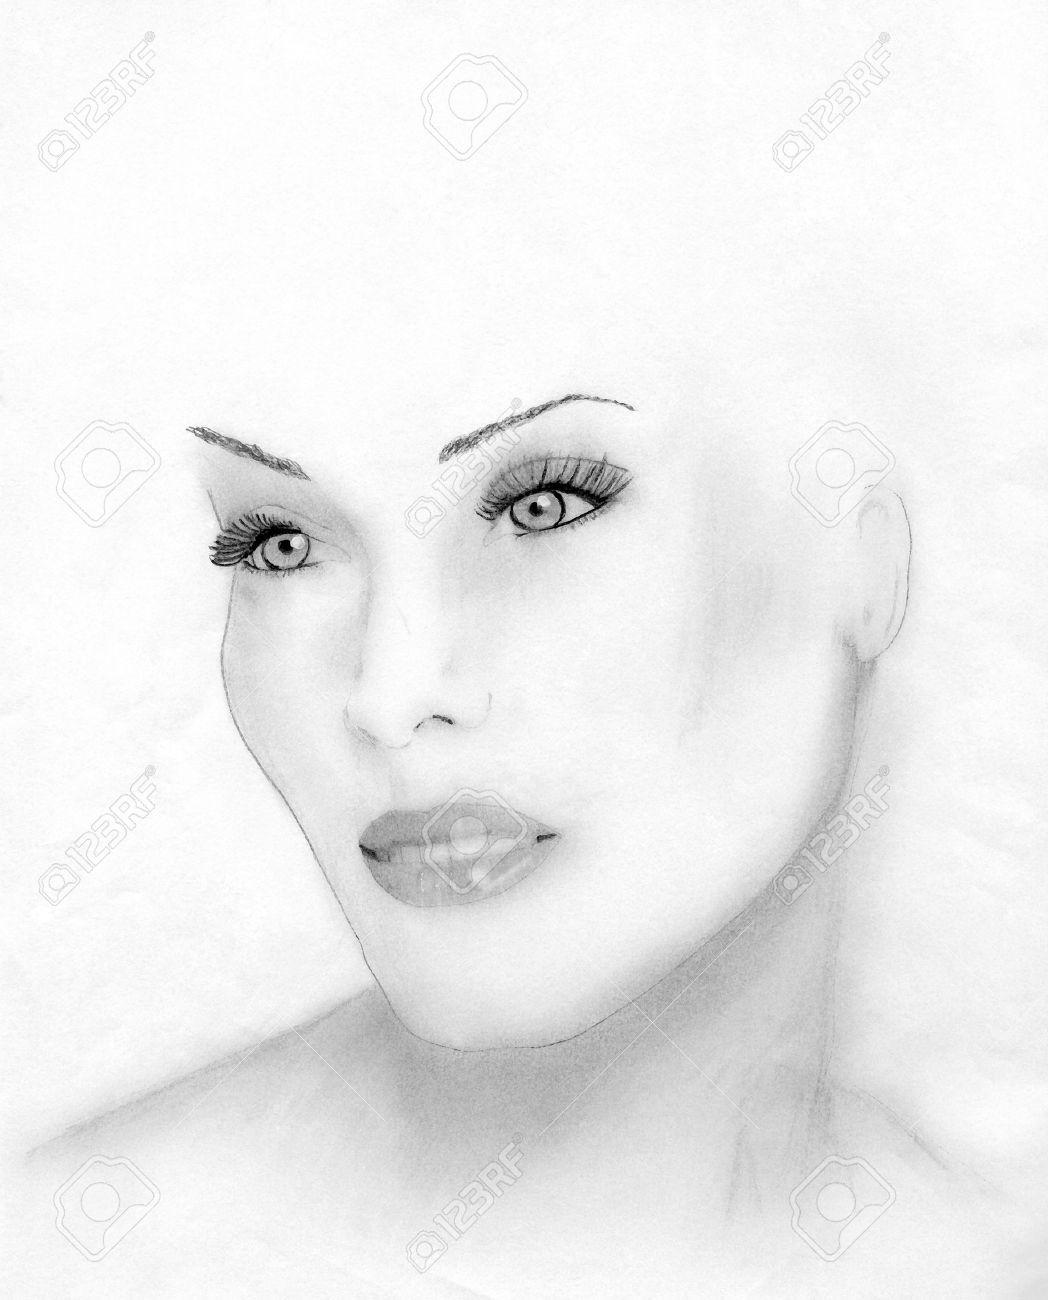 Dibujados A Mano Dibujo A Lápiz Del Rostro De Una Mujer Hermosa